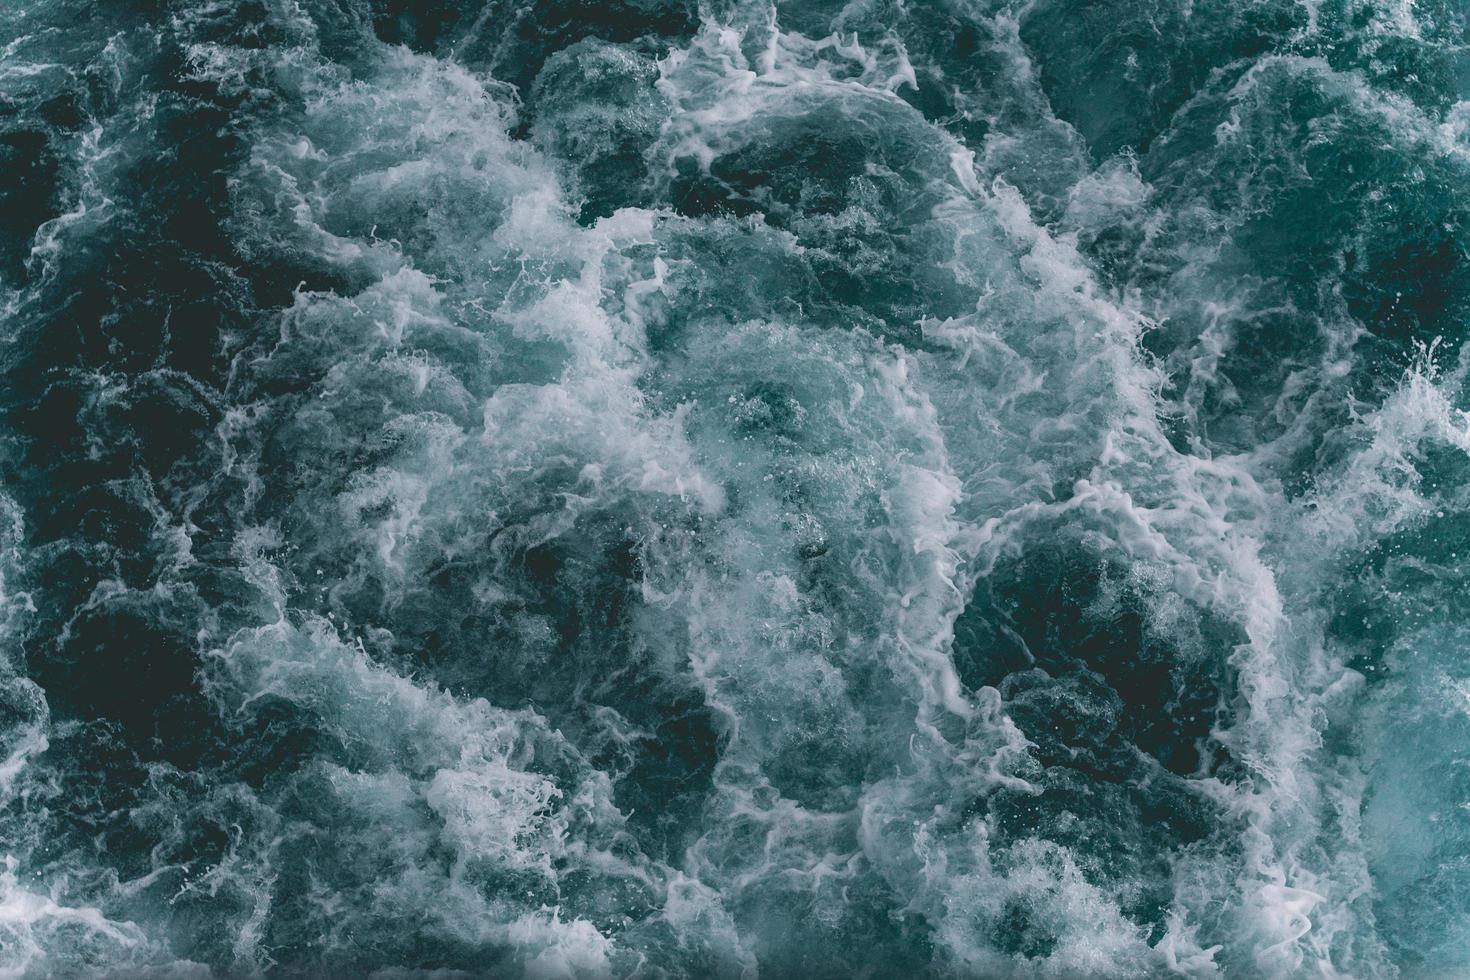 onde dell'oceano dall'alto foto